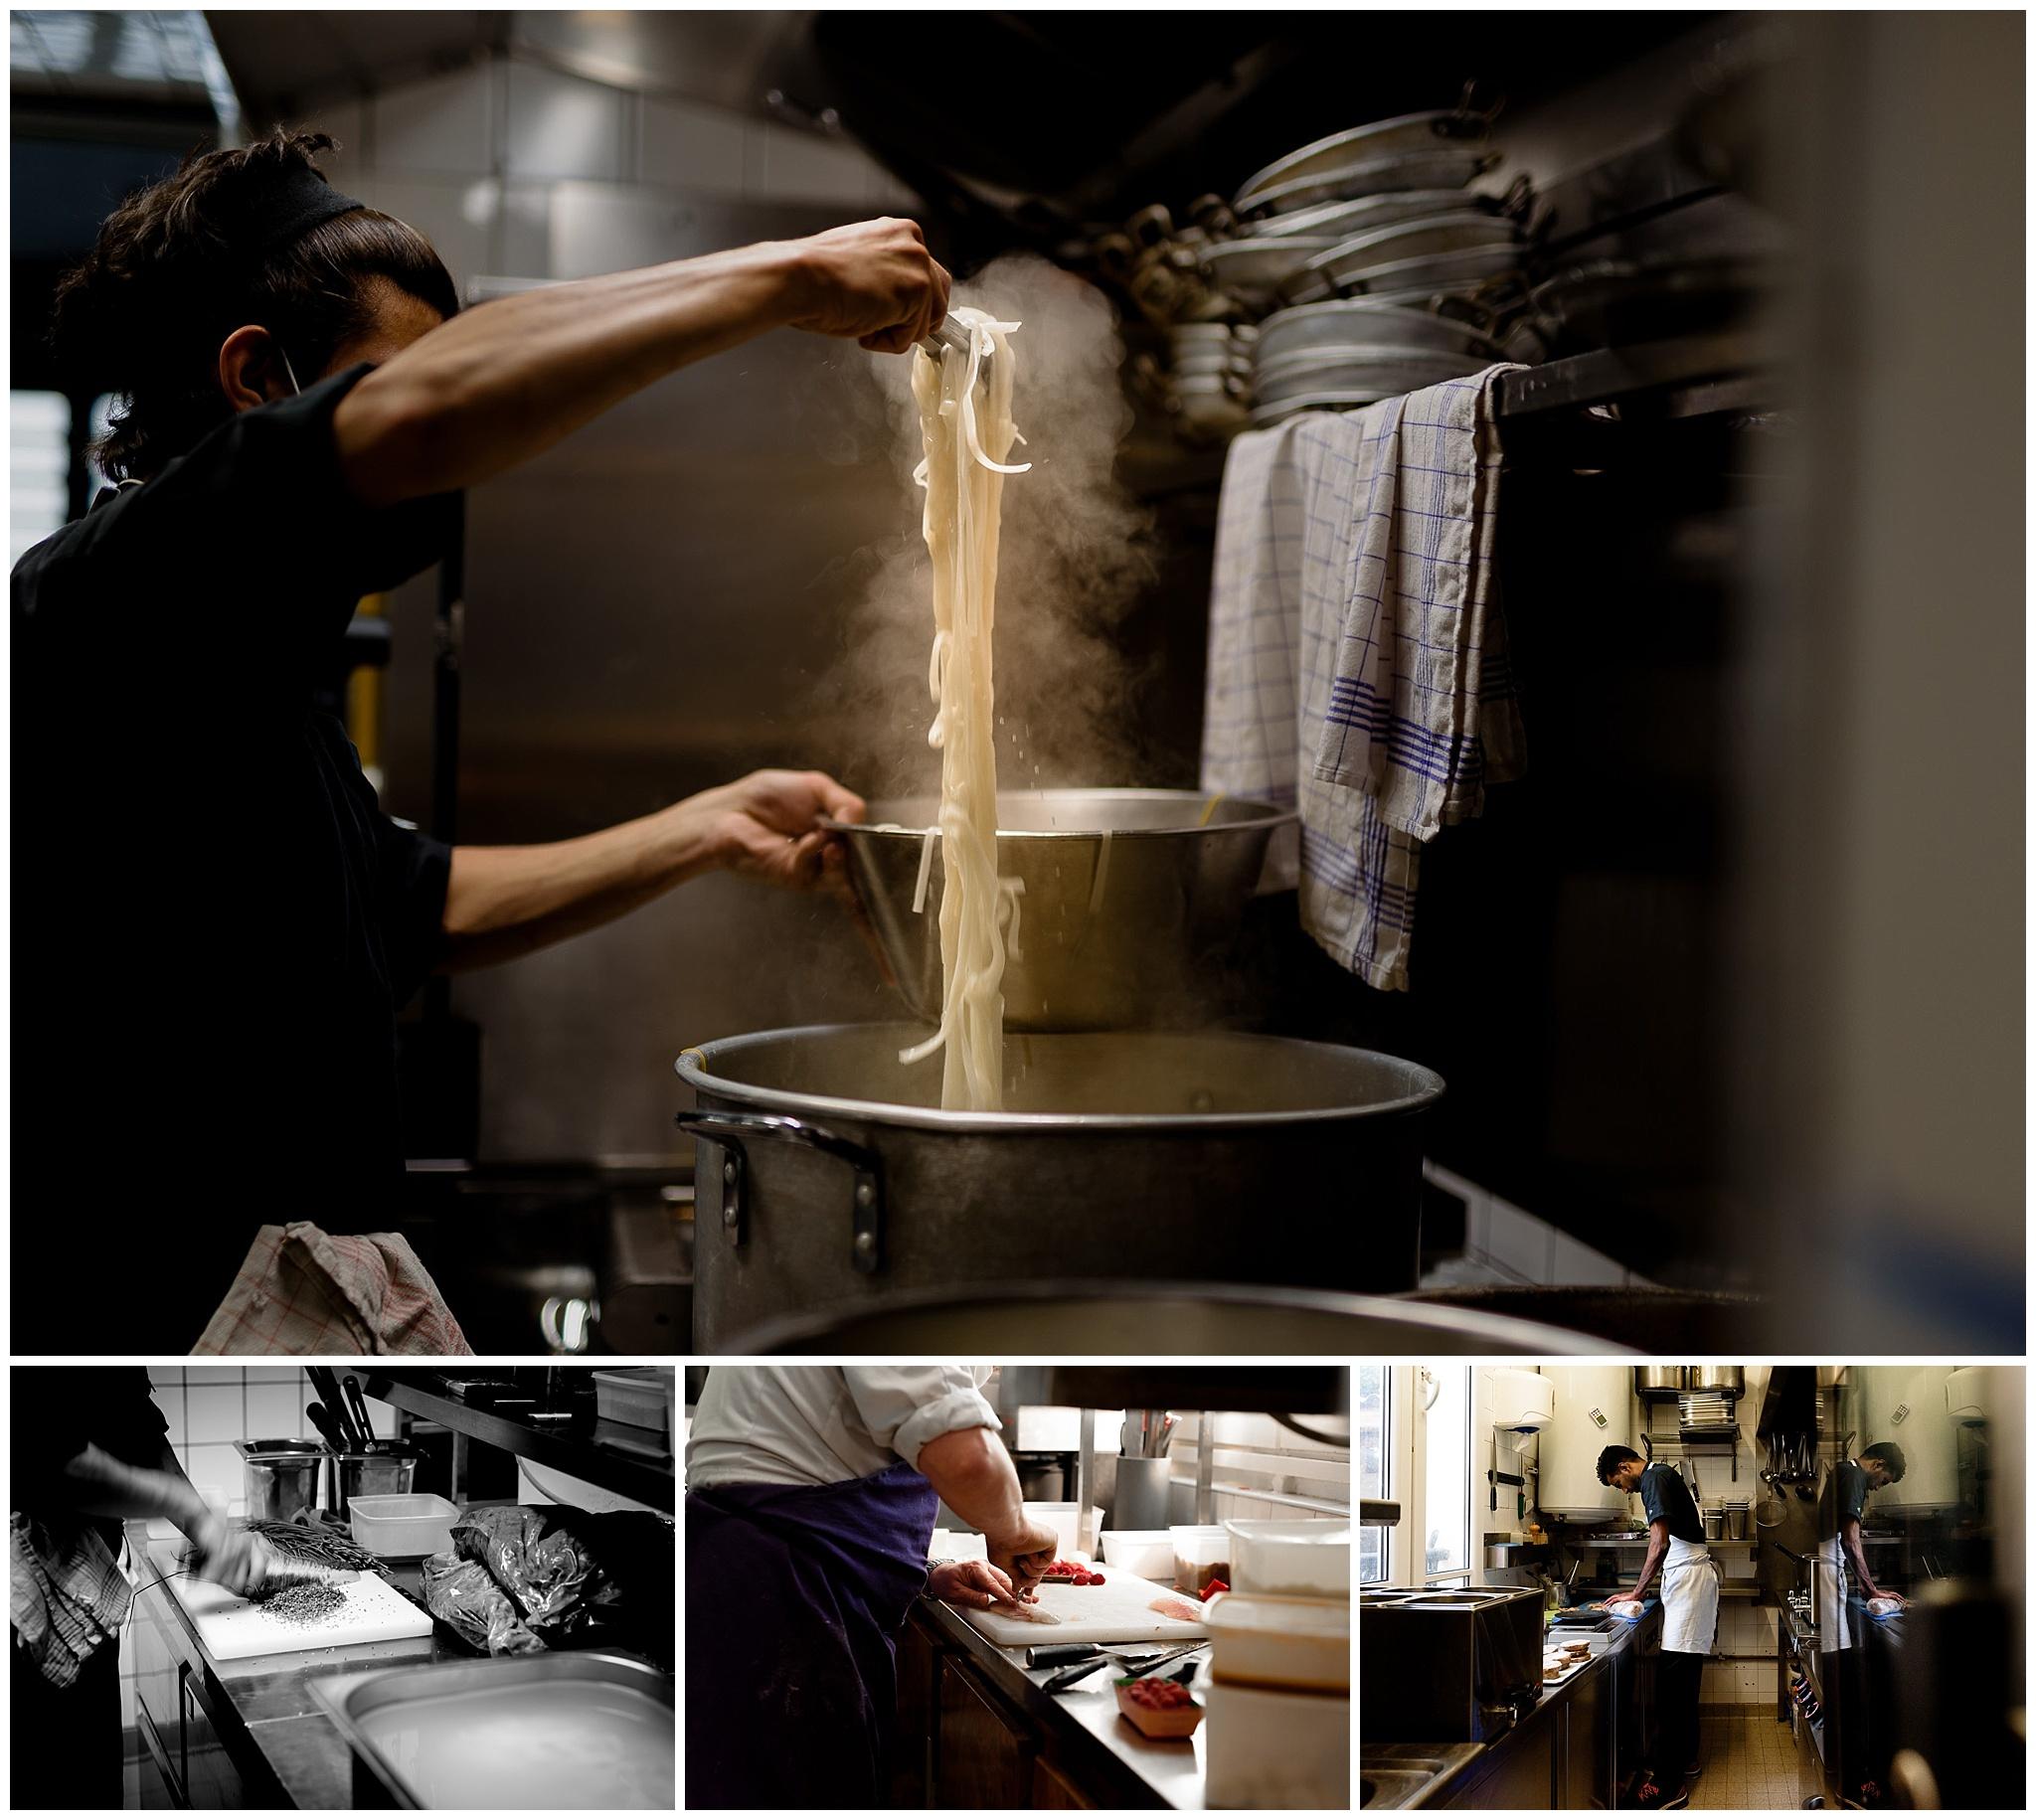 Restaurant confinement cuisine goût 78 92 75 Paris Yvelines chefs Sandrine Siryani Cabane bel ami enfants de coeur Ballon voyageur Tables d'Augustin